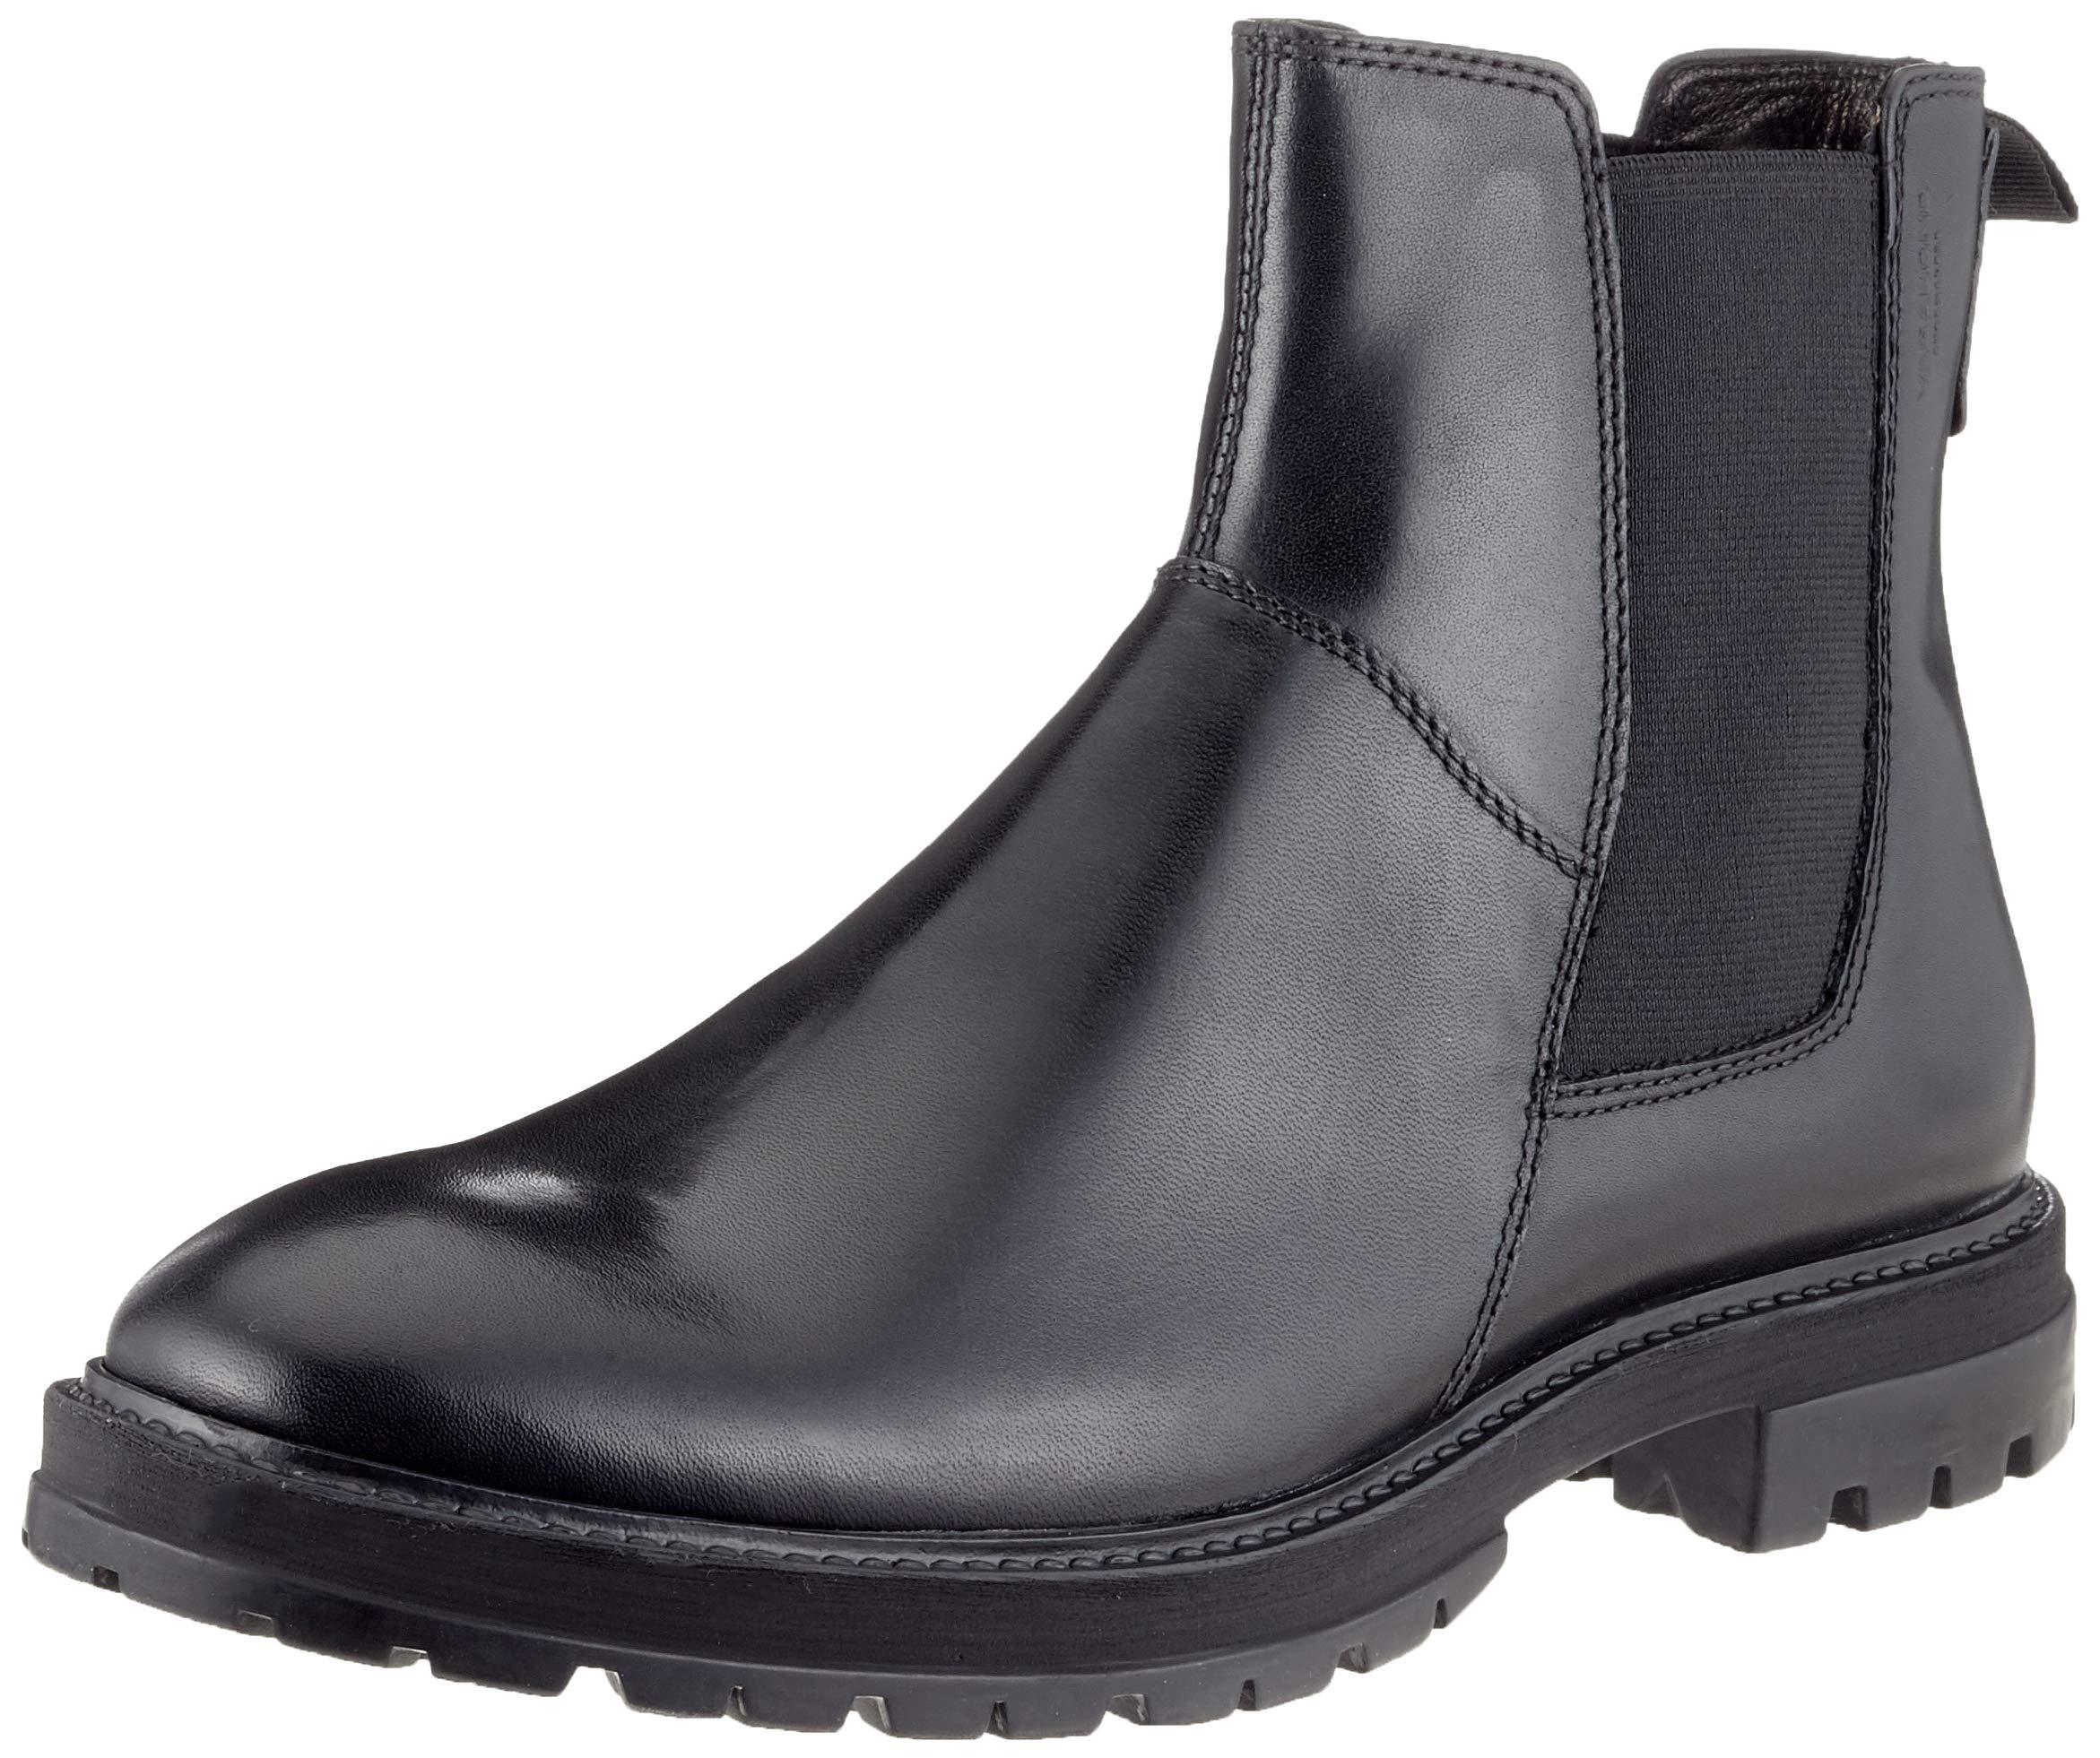 Boots 2043 Eu Vagabond JohnnyChelsea HommeNoirblack 6bgYyf7